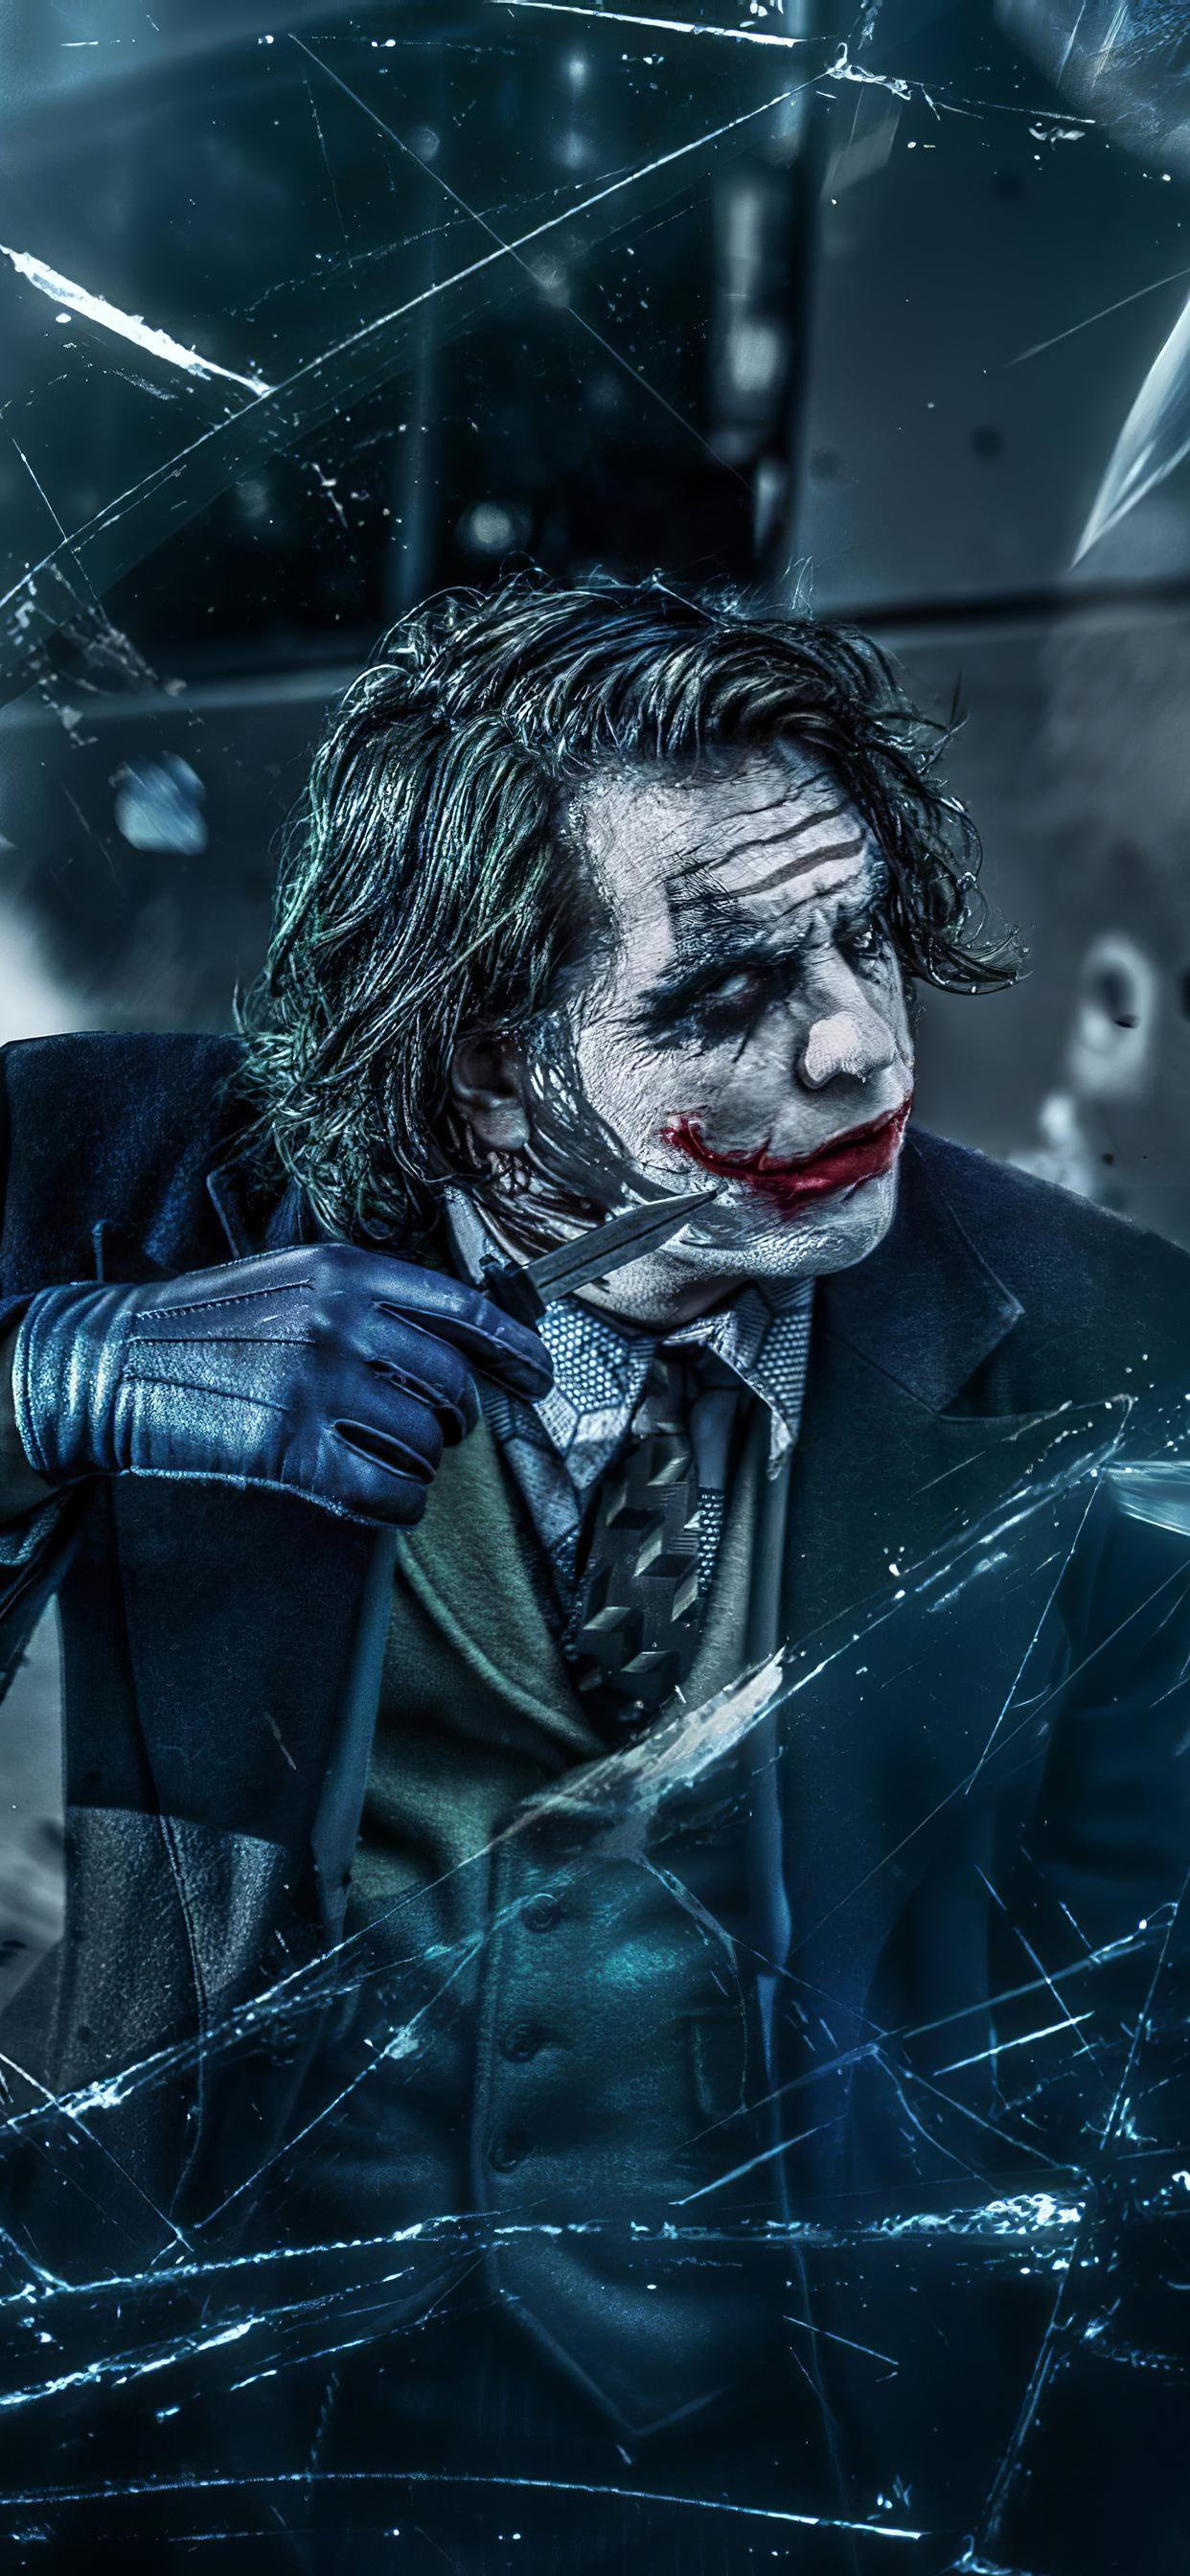 joker with knife oz